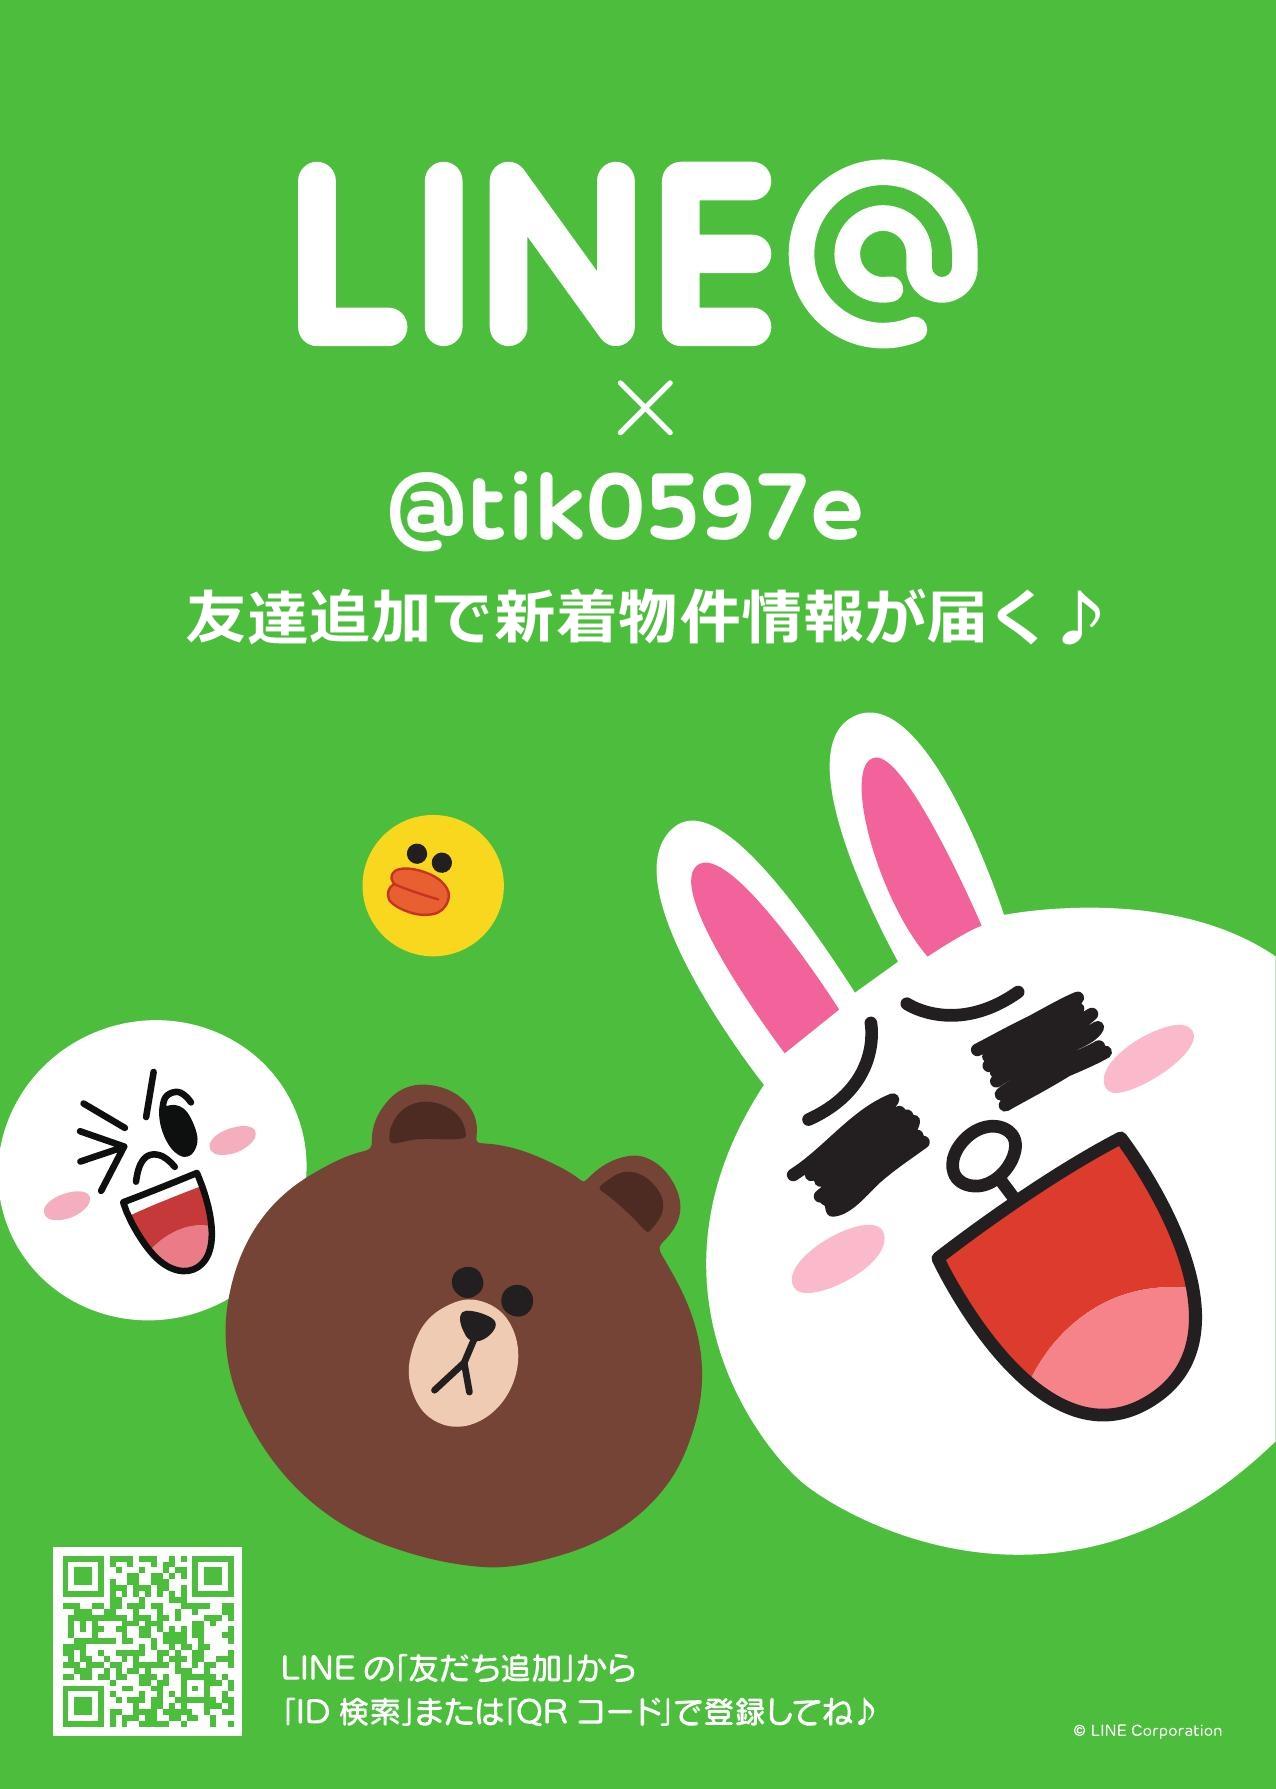 LINE@始めました♪新着物件チェック&らくらくお問い合わせ☆